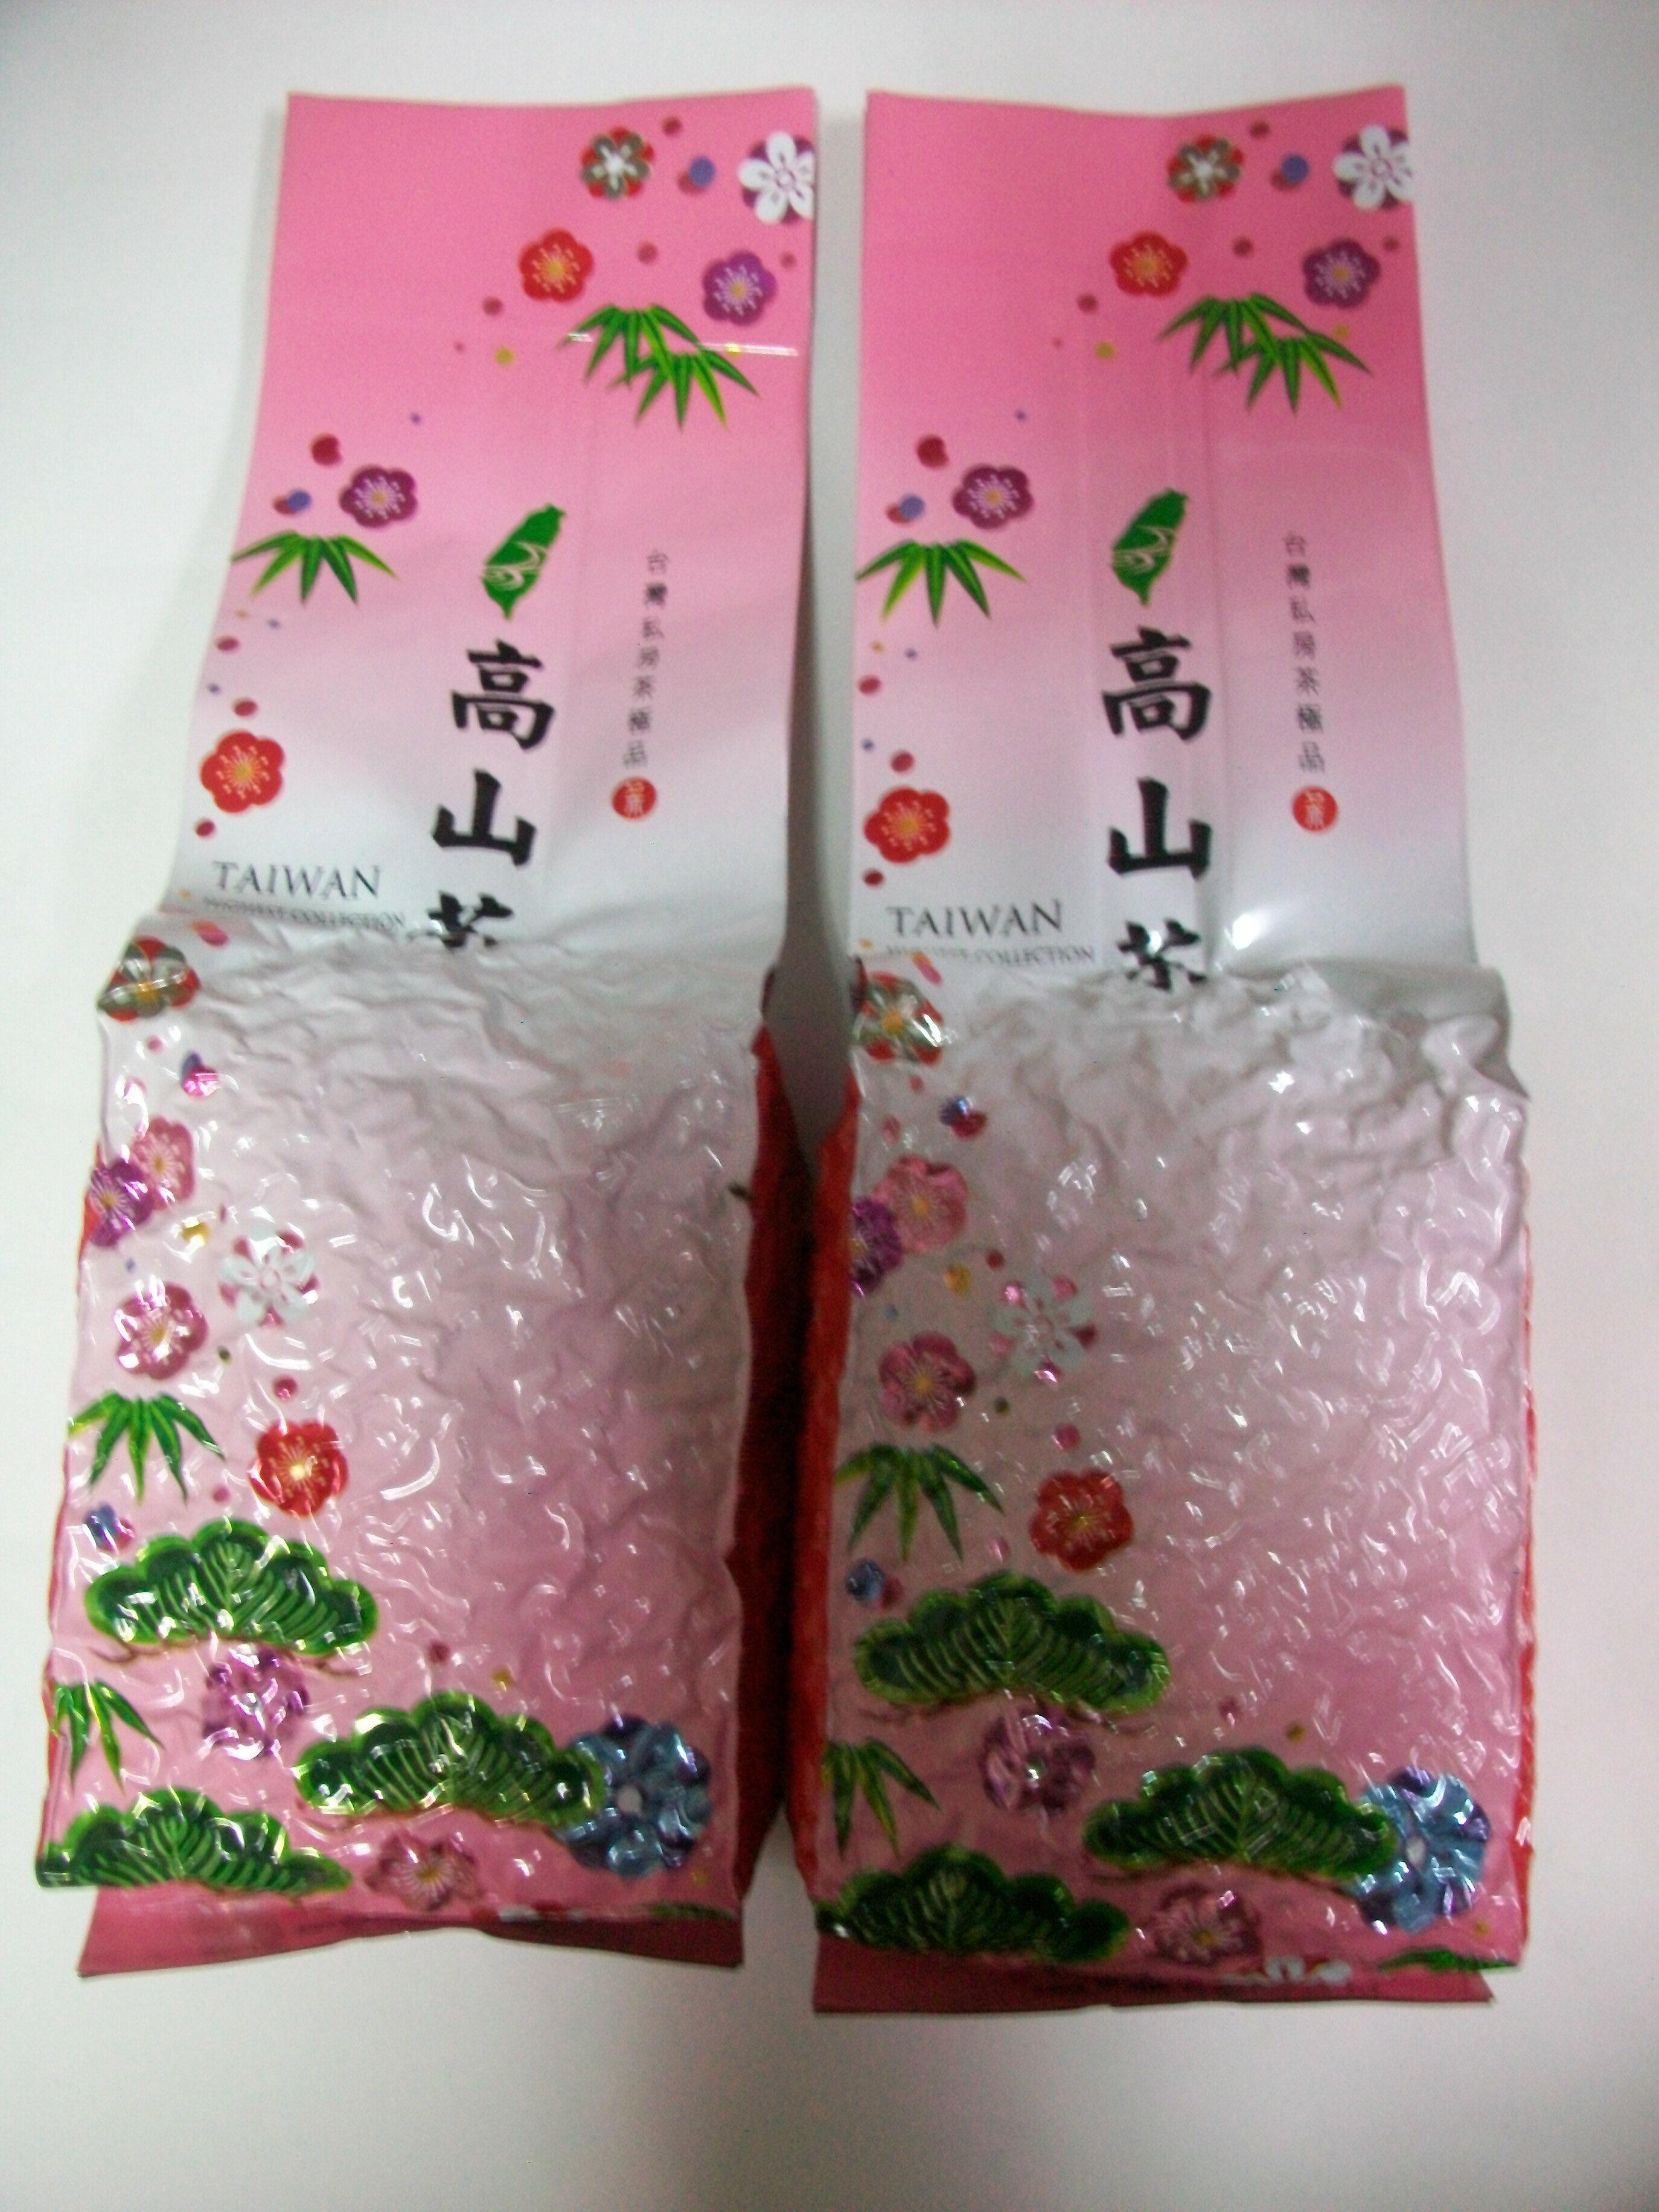 【玄砡茶業】台灣清香四季春茶/產地南投 半斤裝(300g)兩包 共一斤(淨重600g)